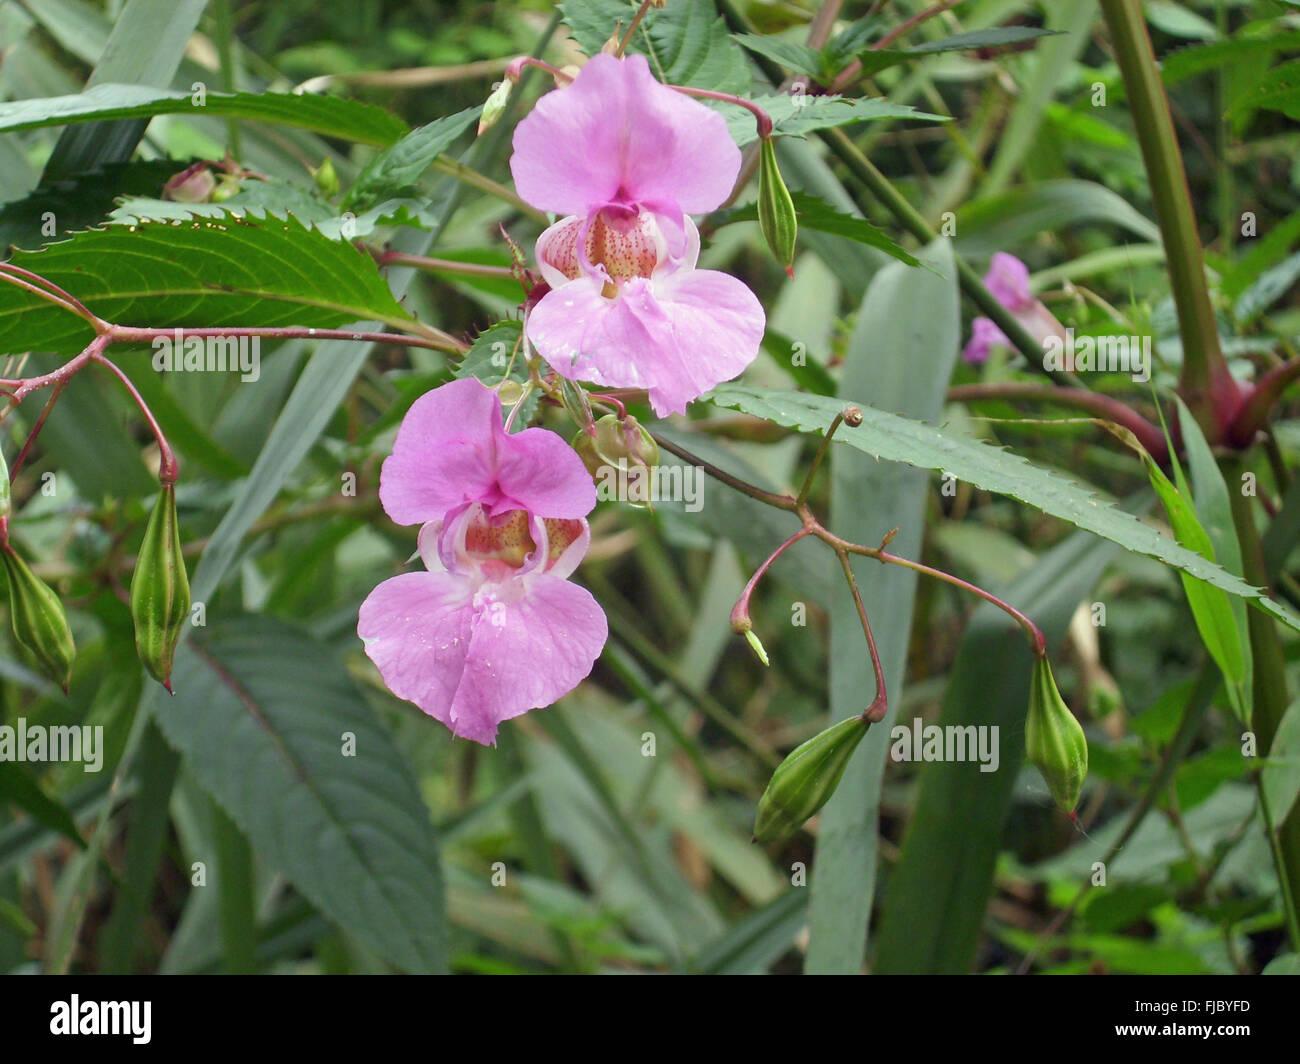 Blumen und explosive Samenschoten des invasiven Unkrauts, Himalaya Balsam, Impatiens glandulifera, wächst in einem Sumpf mit einem Hintergrund von Blättern. Stockfoto